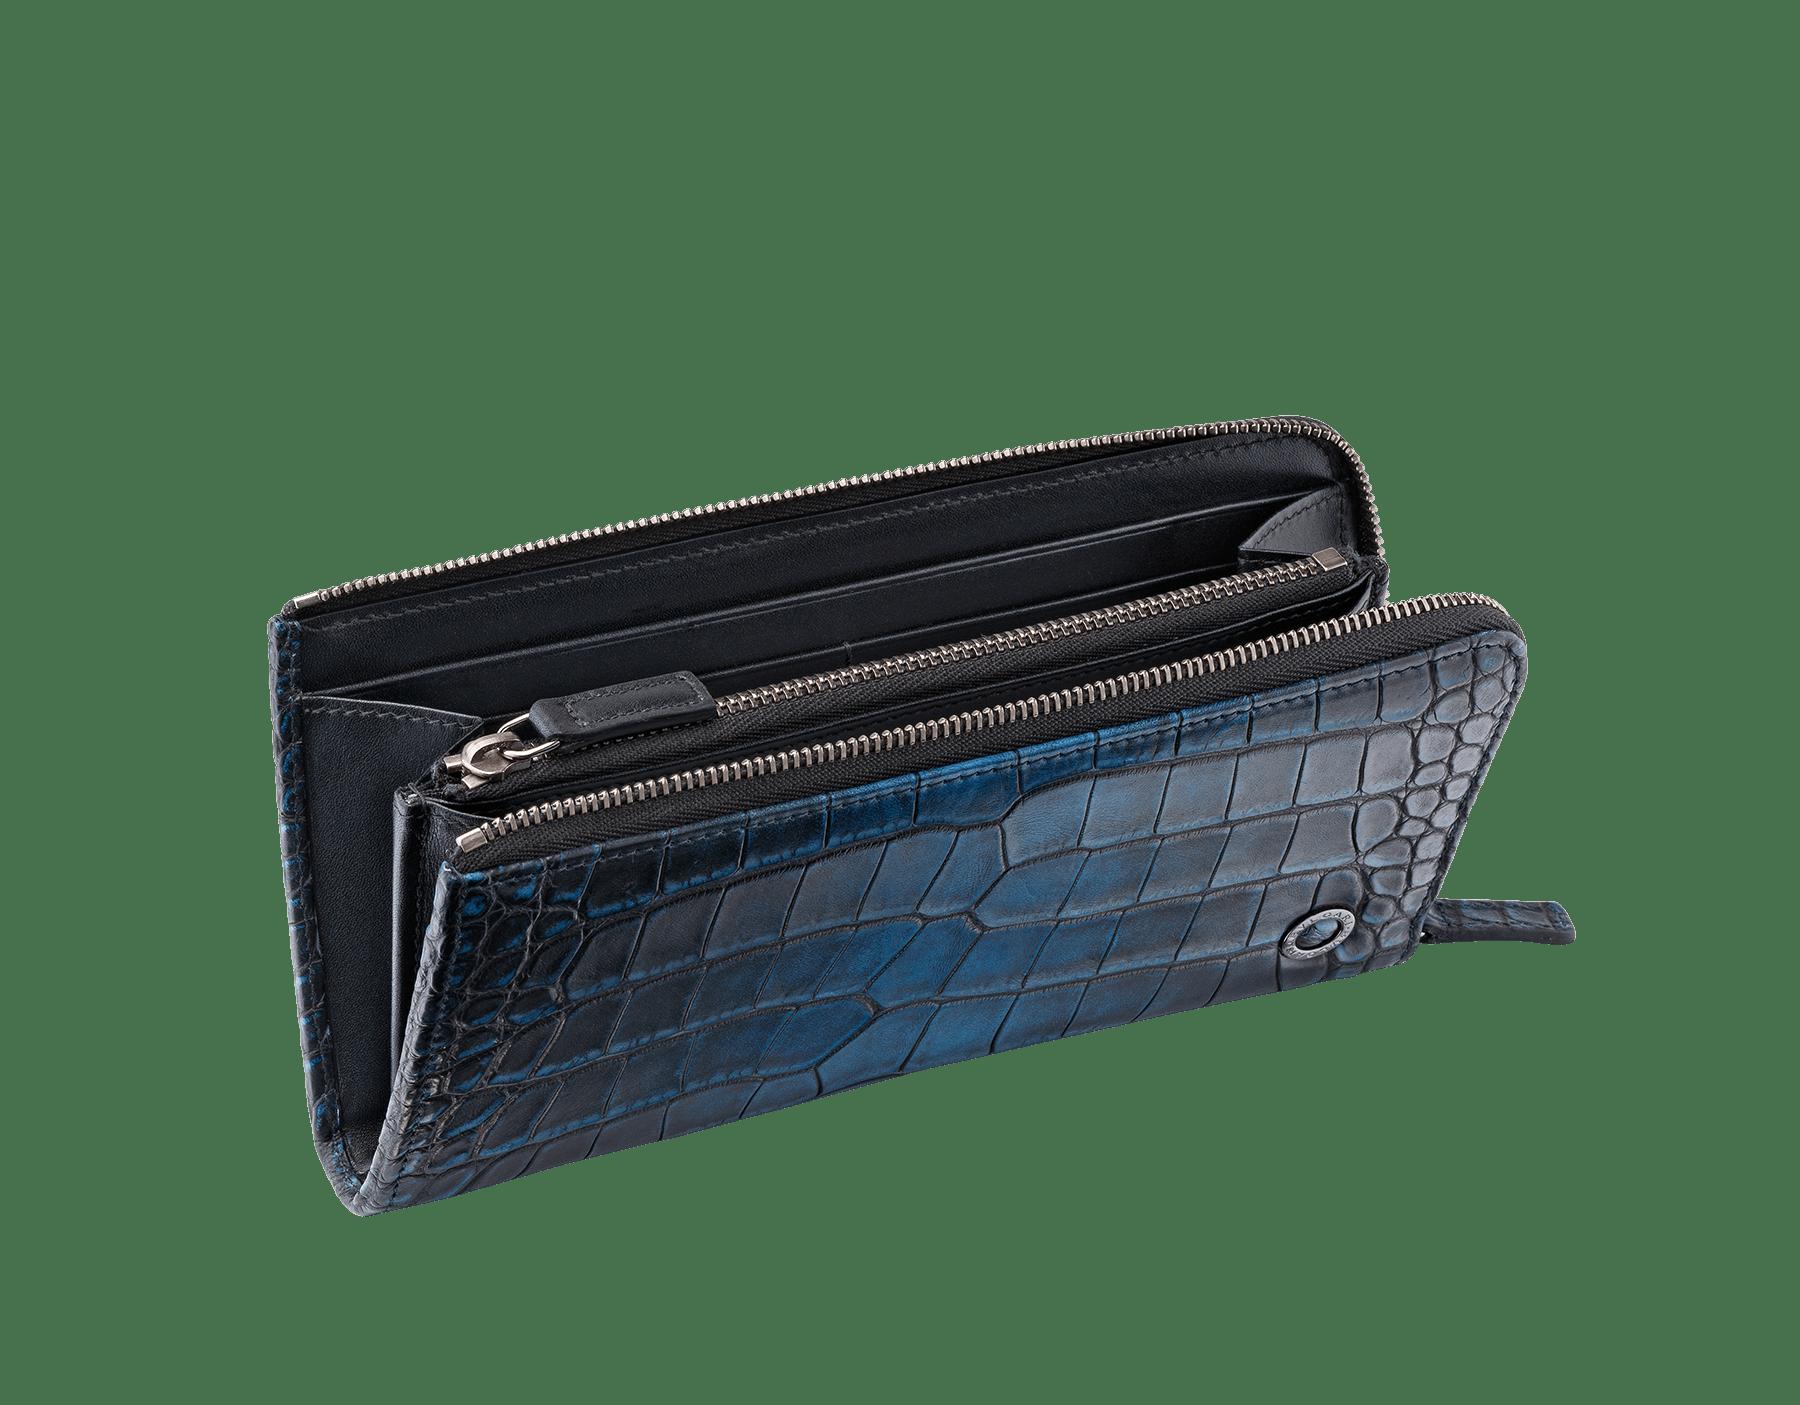 Portefeuille à fermeture éclair en L en alligator bleu nuit et cuir de veau lisse noir avec détails en laiton plaqué ruthénium foncé ornés du motif BVLGARI BVLGARI. 38932 image 2